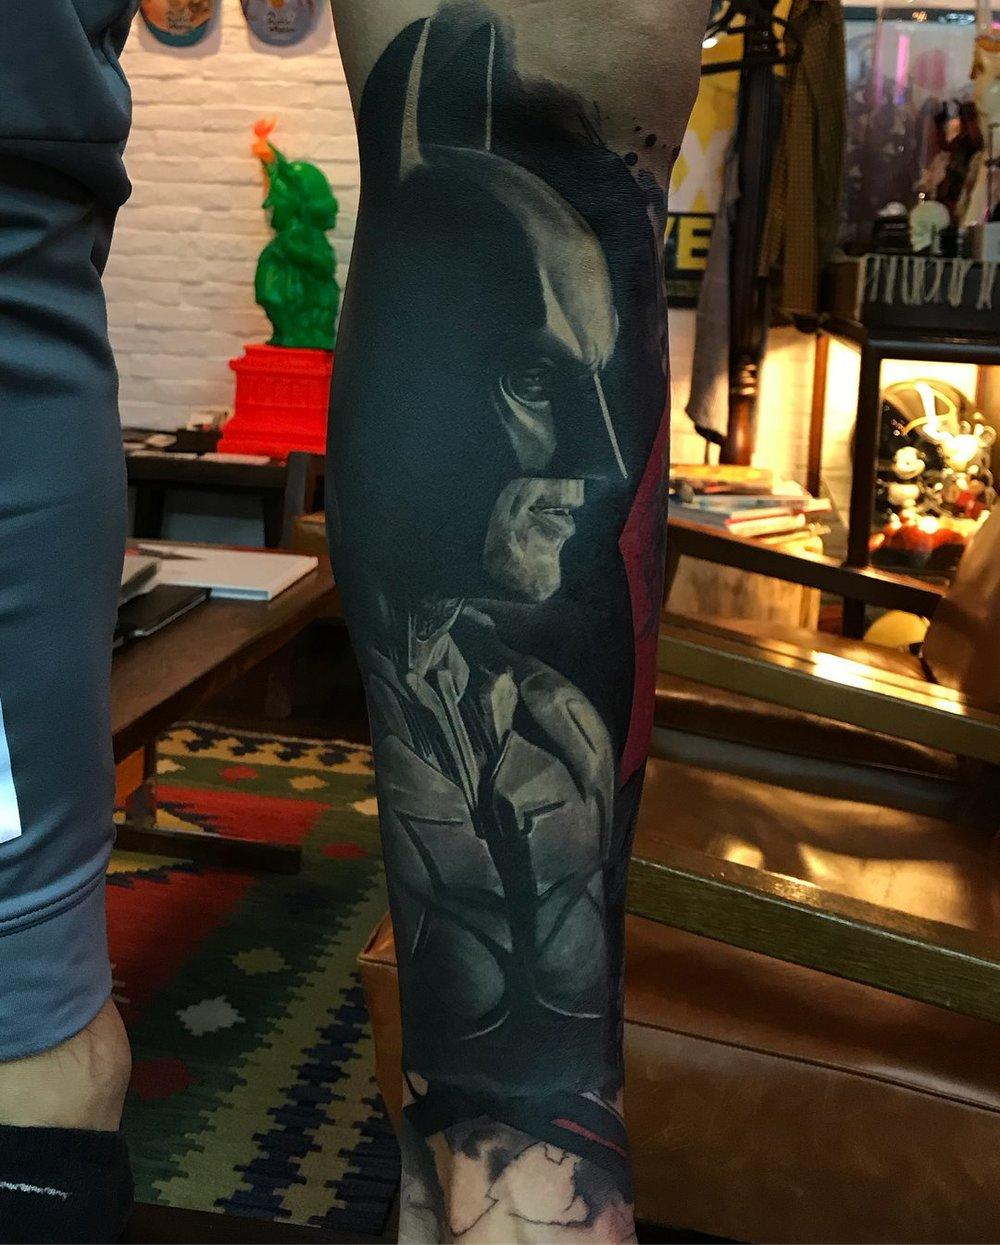 2018-fridays-tattoo-hong-kong-jamie-graphic-dark-night-cover-up-1.jpg